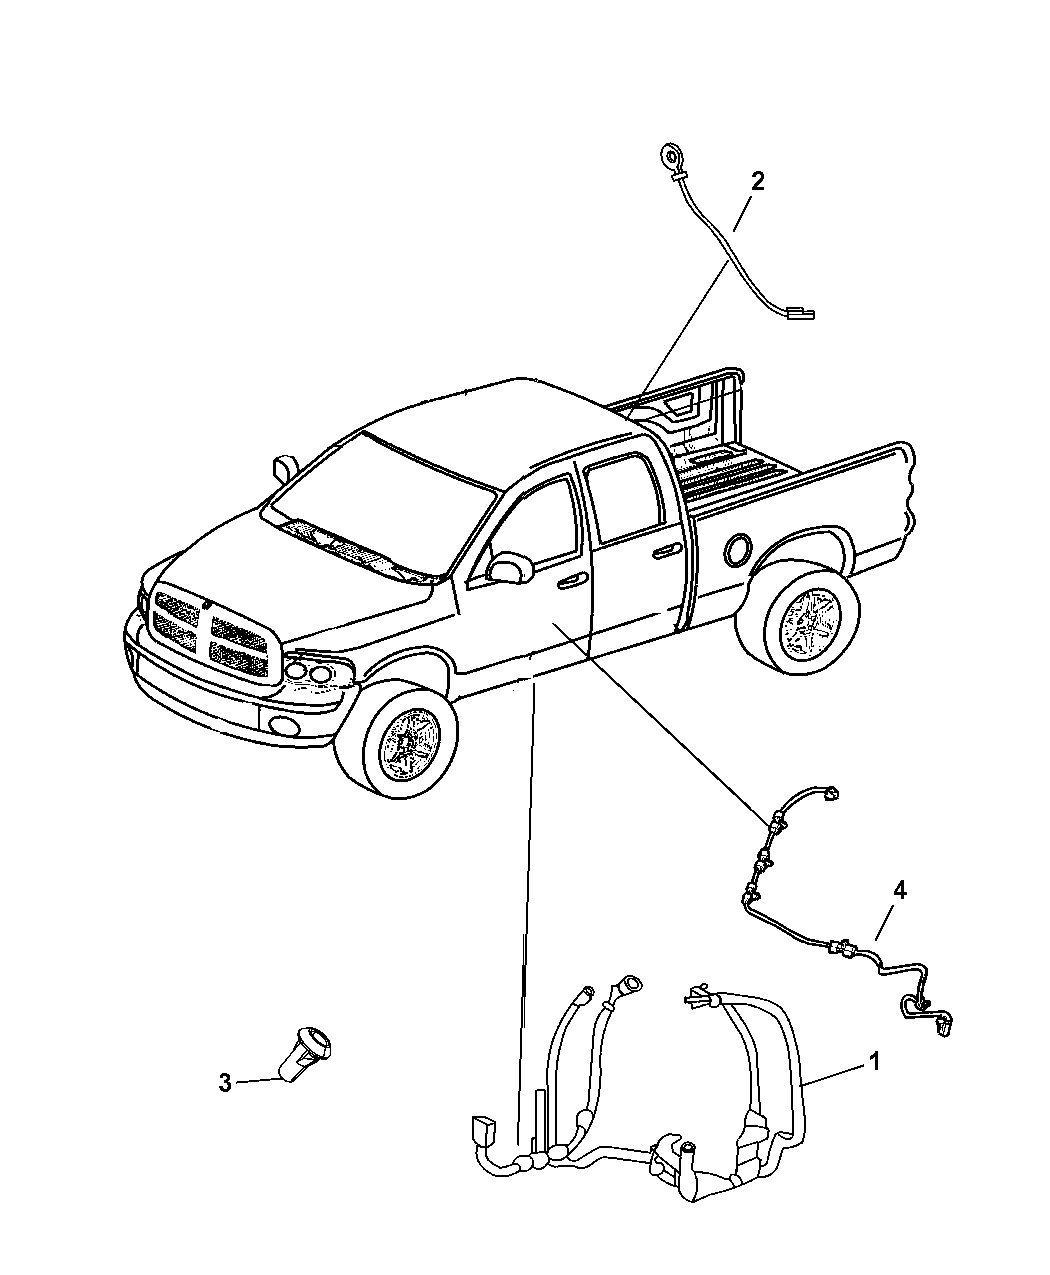 68061600ac Genuine Mopar Wiring Body